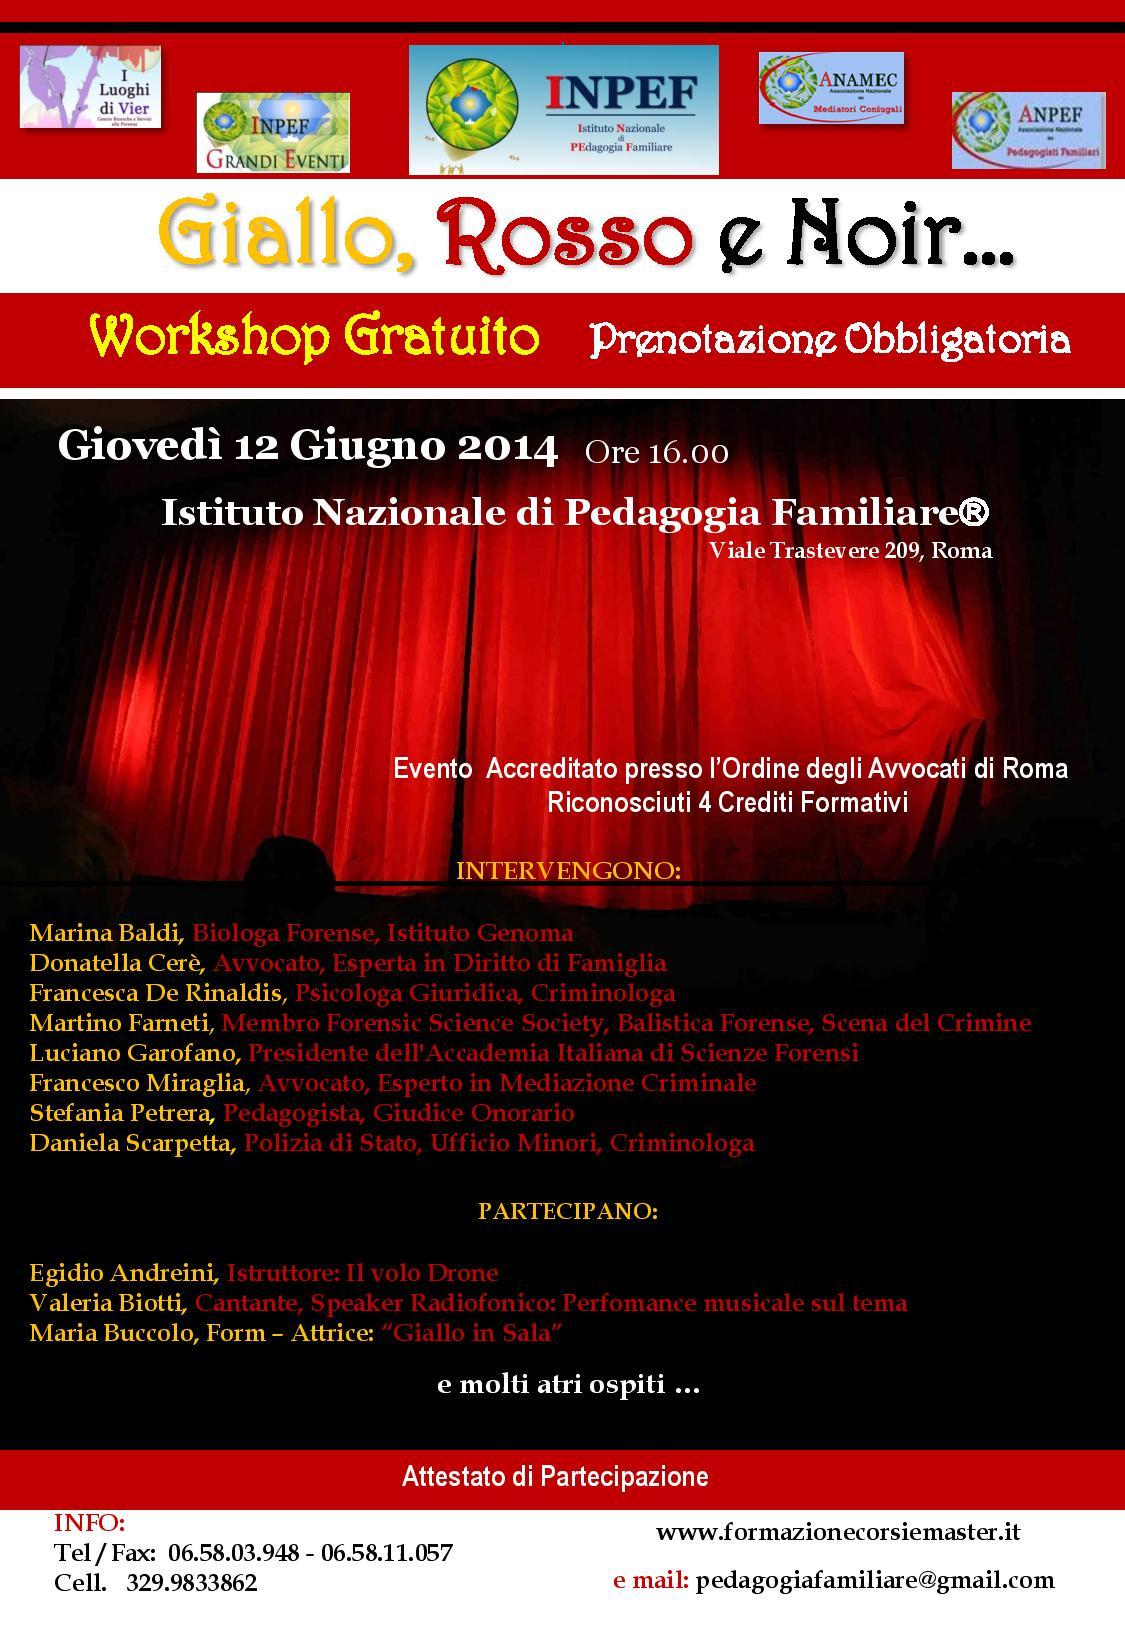 Giallo Rosso e Noir 2014_con Crediti Formativi-page-001